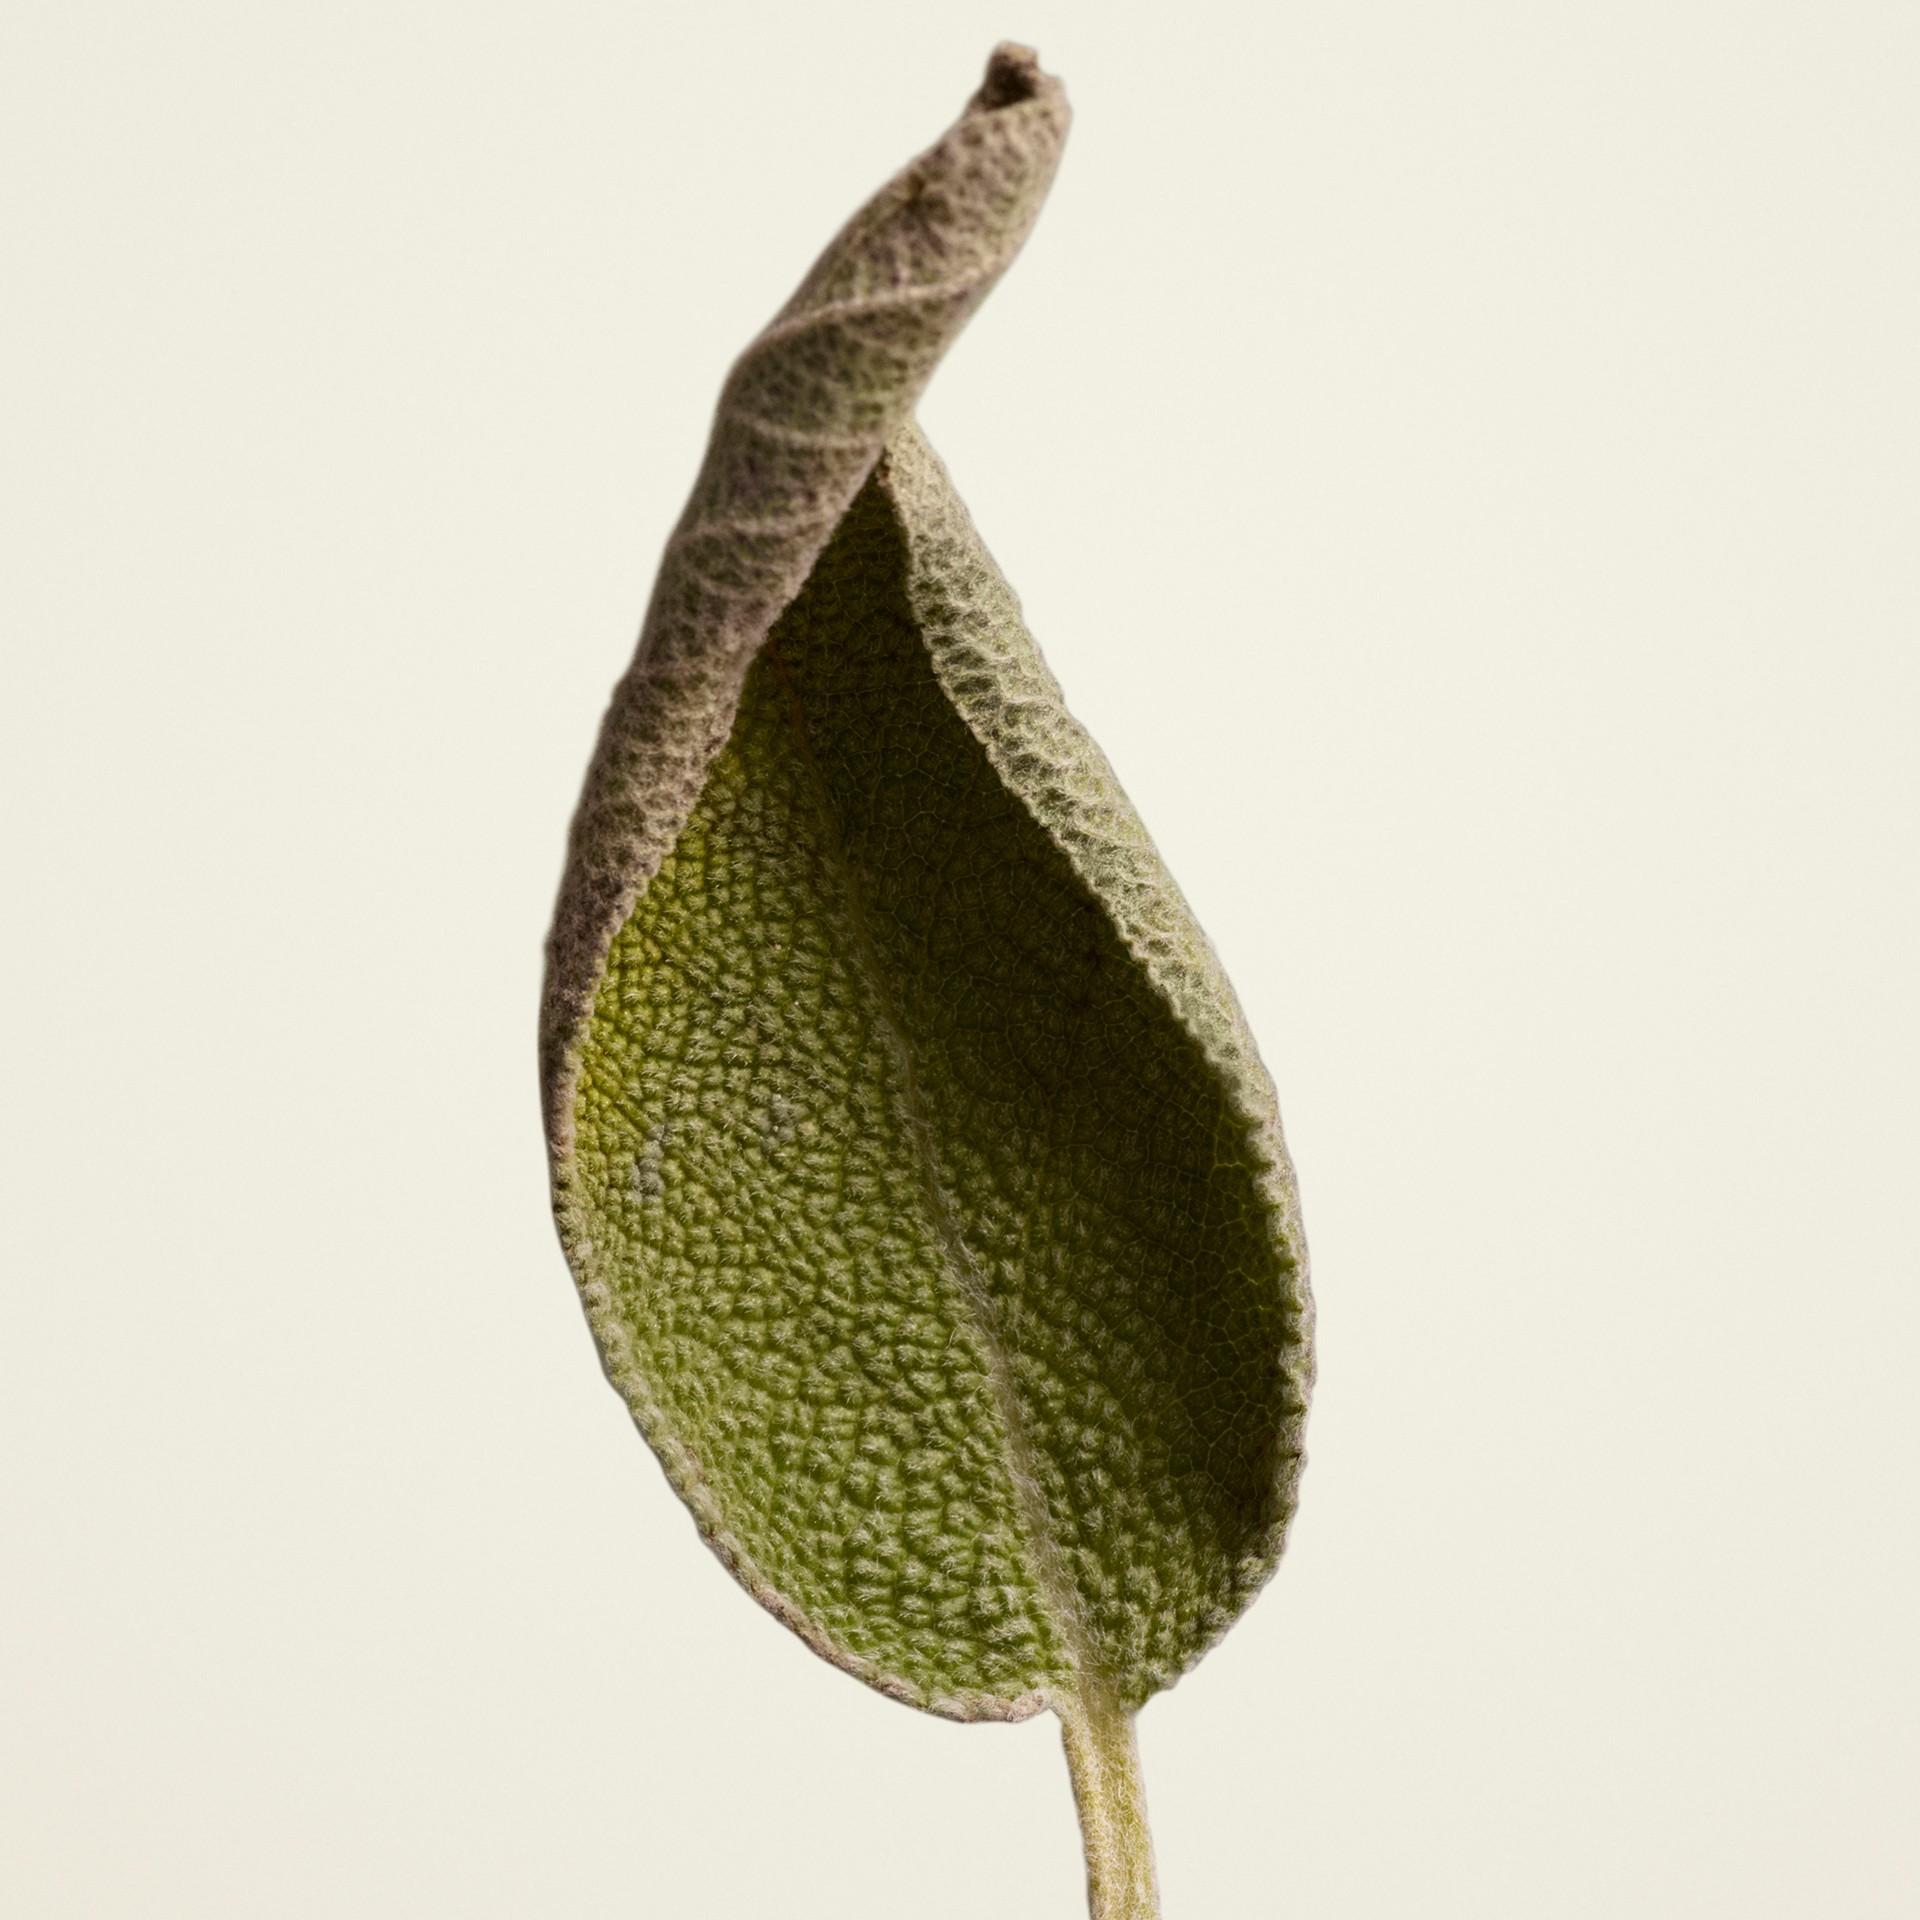 Burberry Signatures Clary Sage Eau de Parfum 100ml | Burberry - gallery image 2